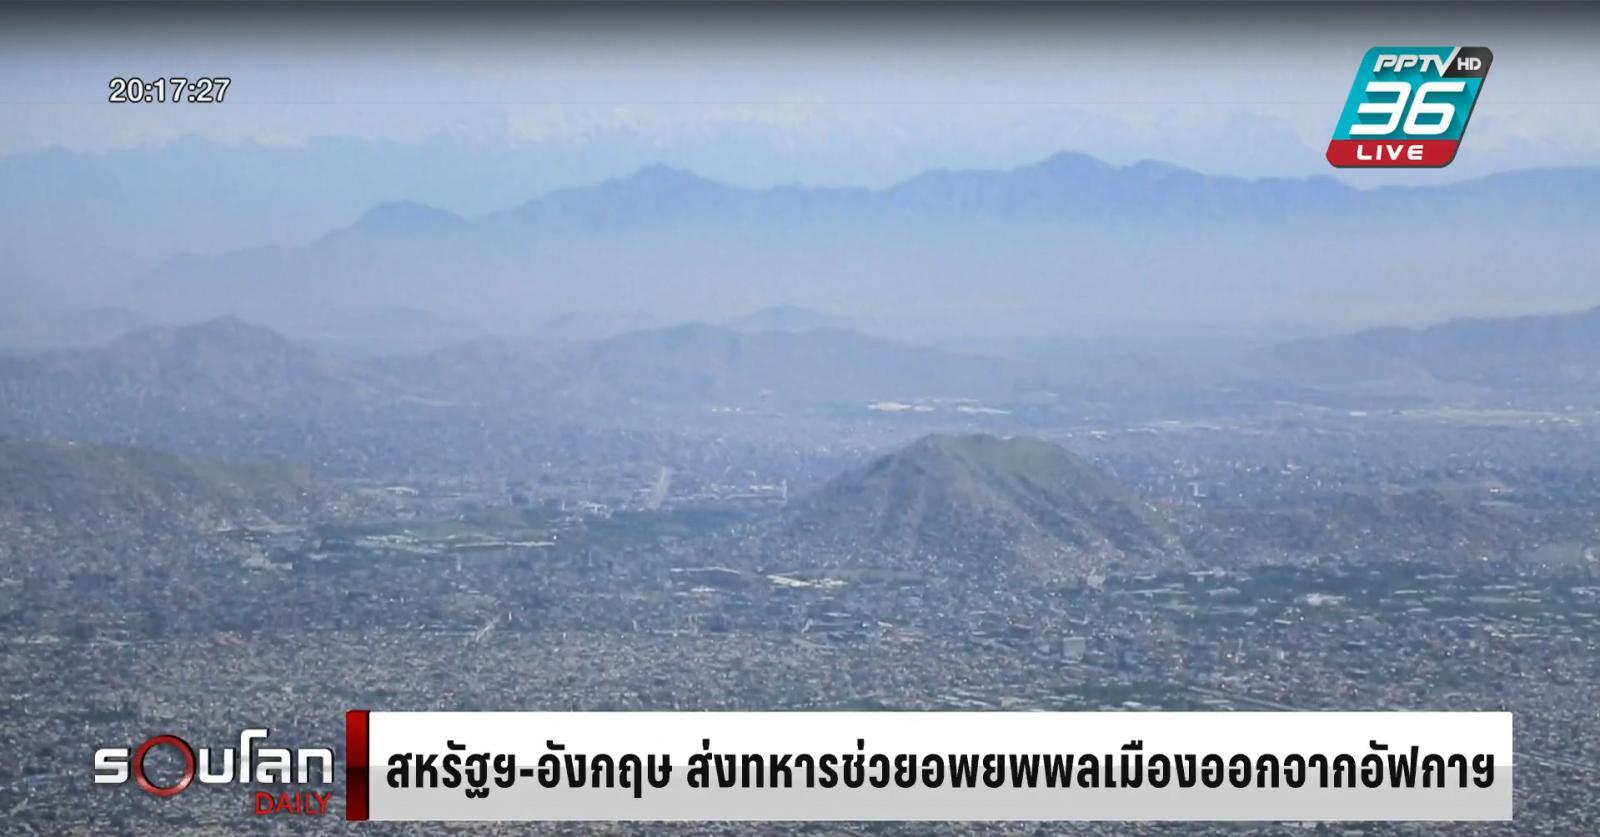 """""""ตาลีบัน"""" รุกคืบประชิดเมืองหลวงอัฟกานิสถาน  ยึดแล้ว 18 เมือง"""